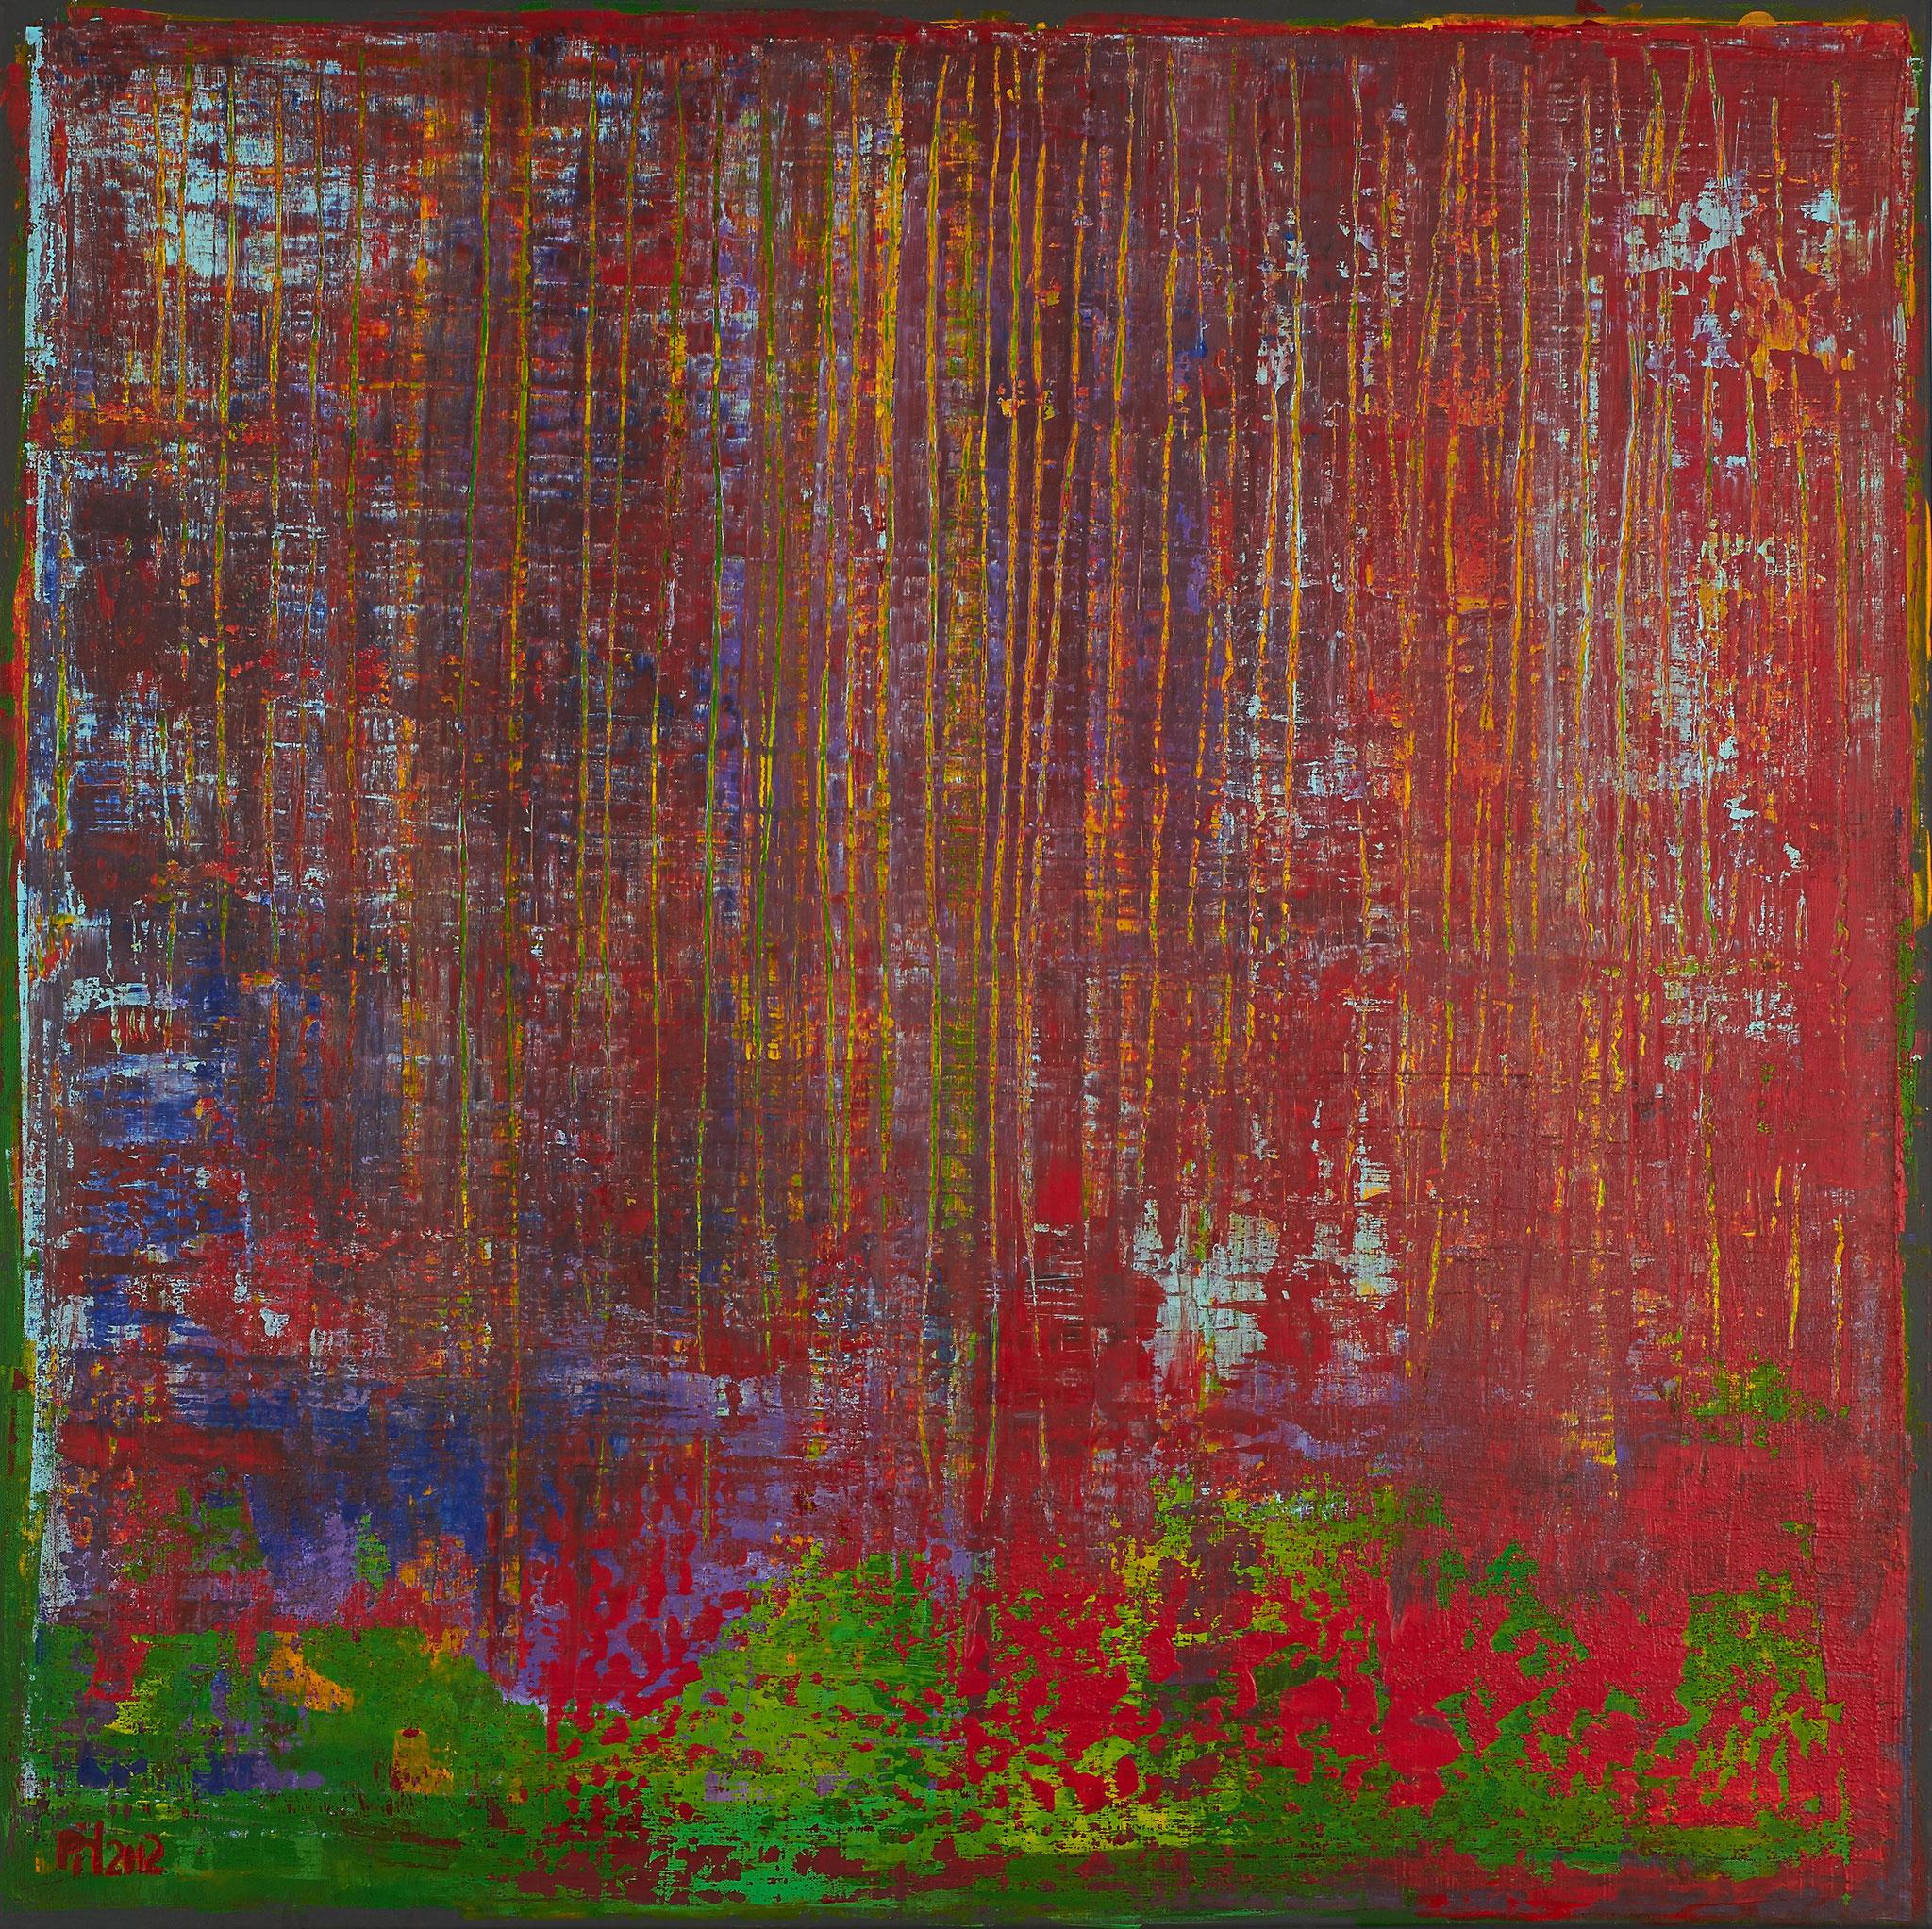 No. 26 - Mischtechnik Acryl auf Leinwand 100x100 cm (2012)